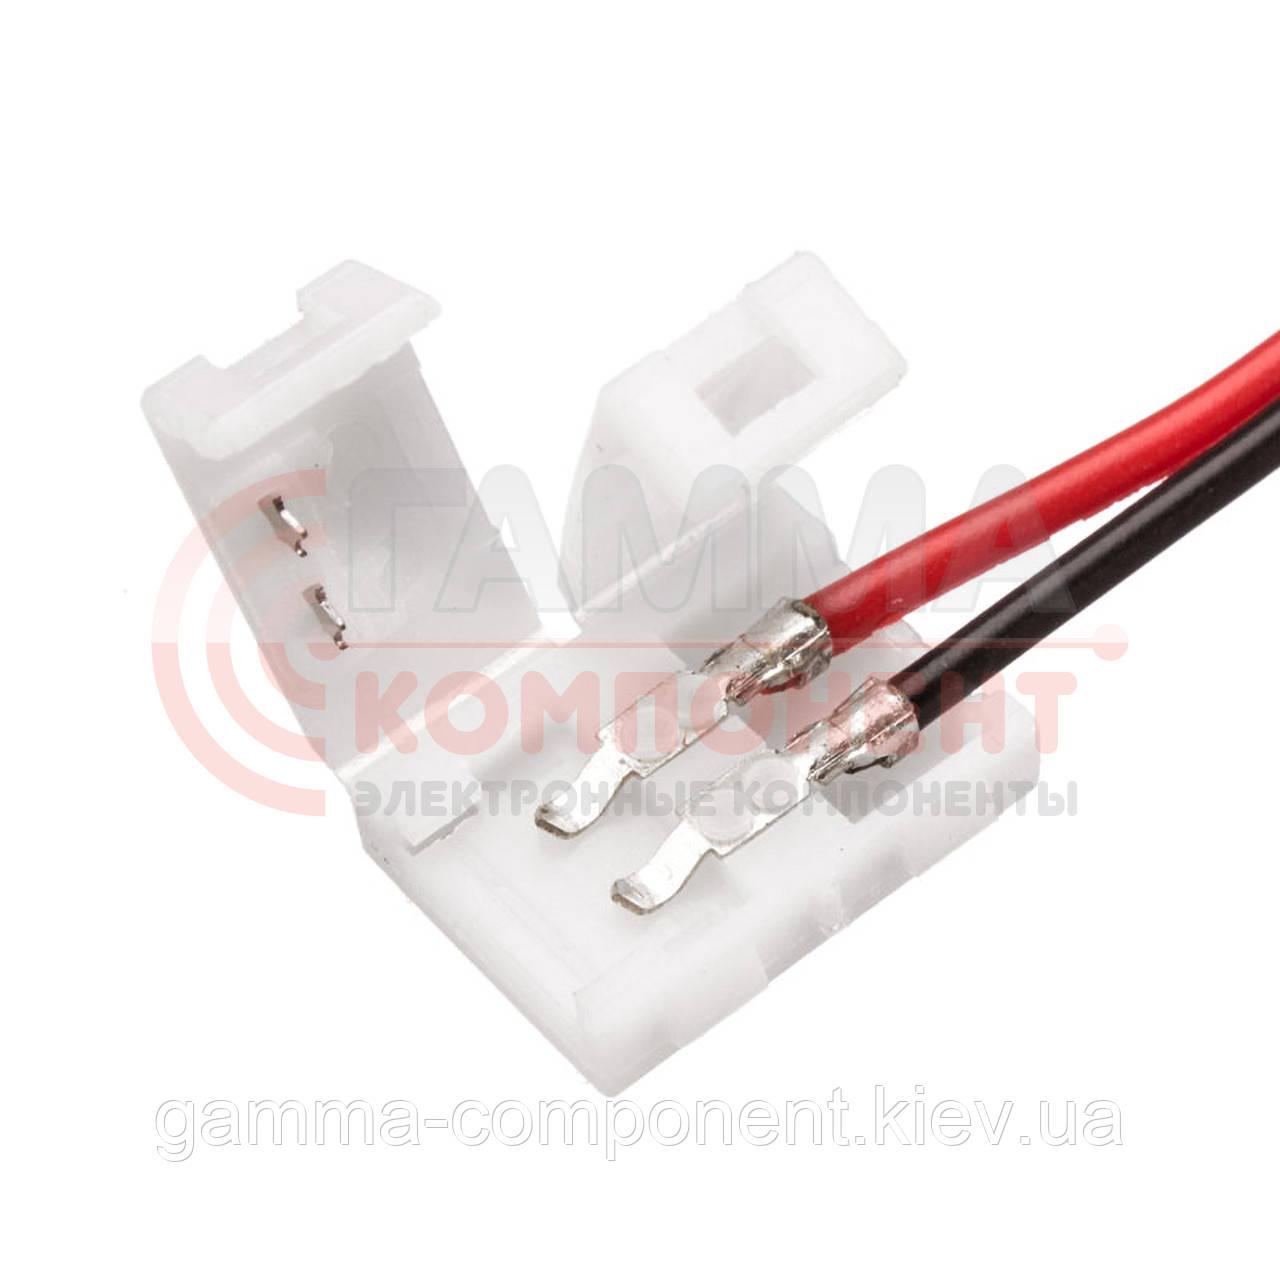 Коннектор для светодиодной ленты 8мм провод + зажим